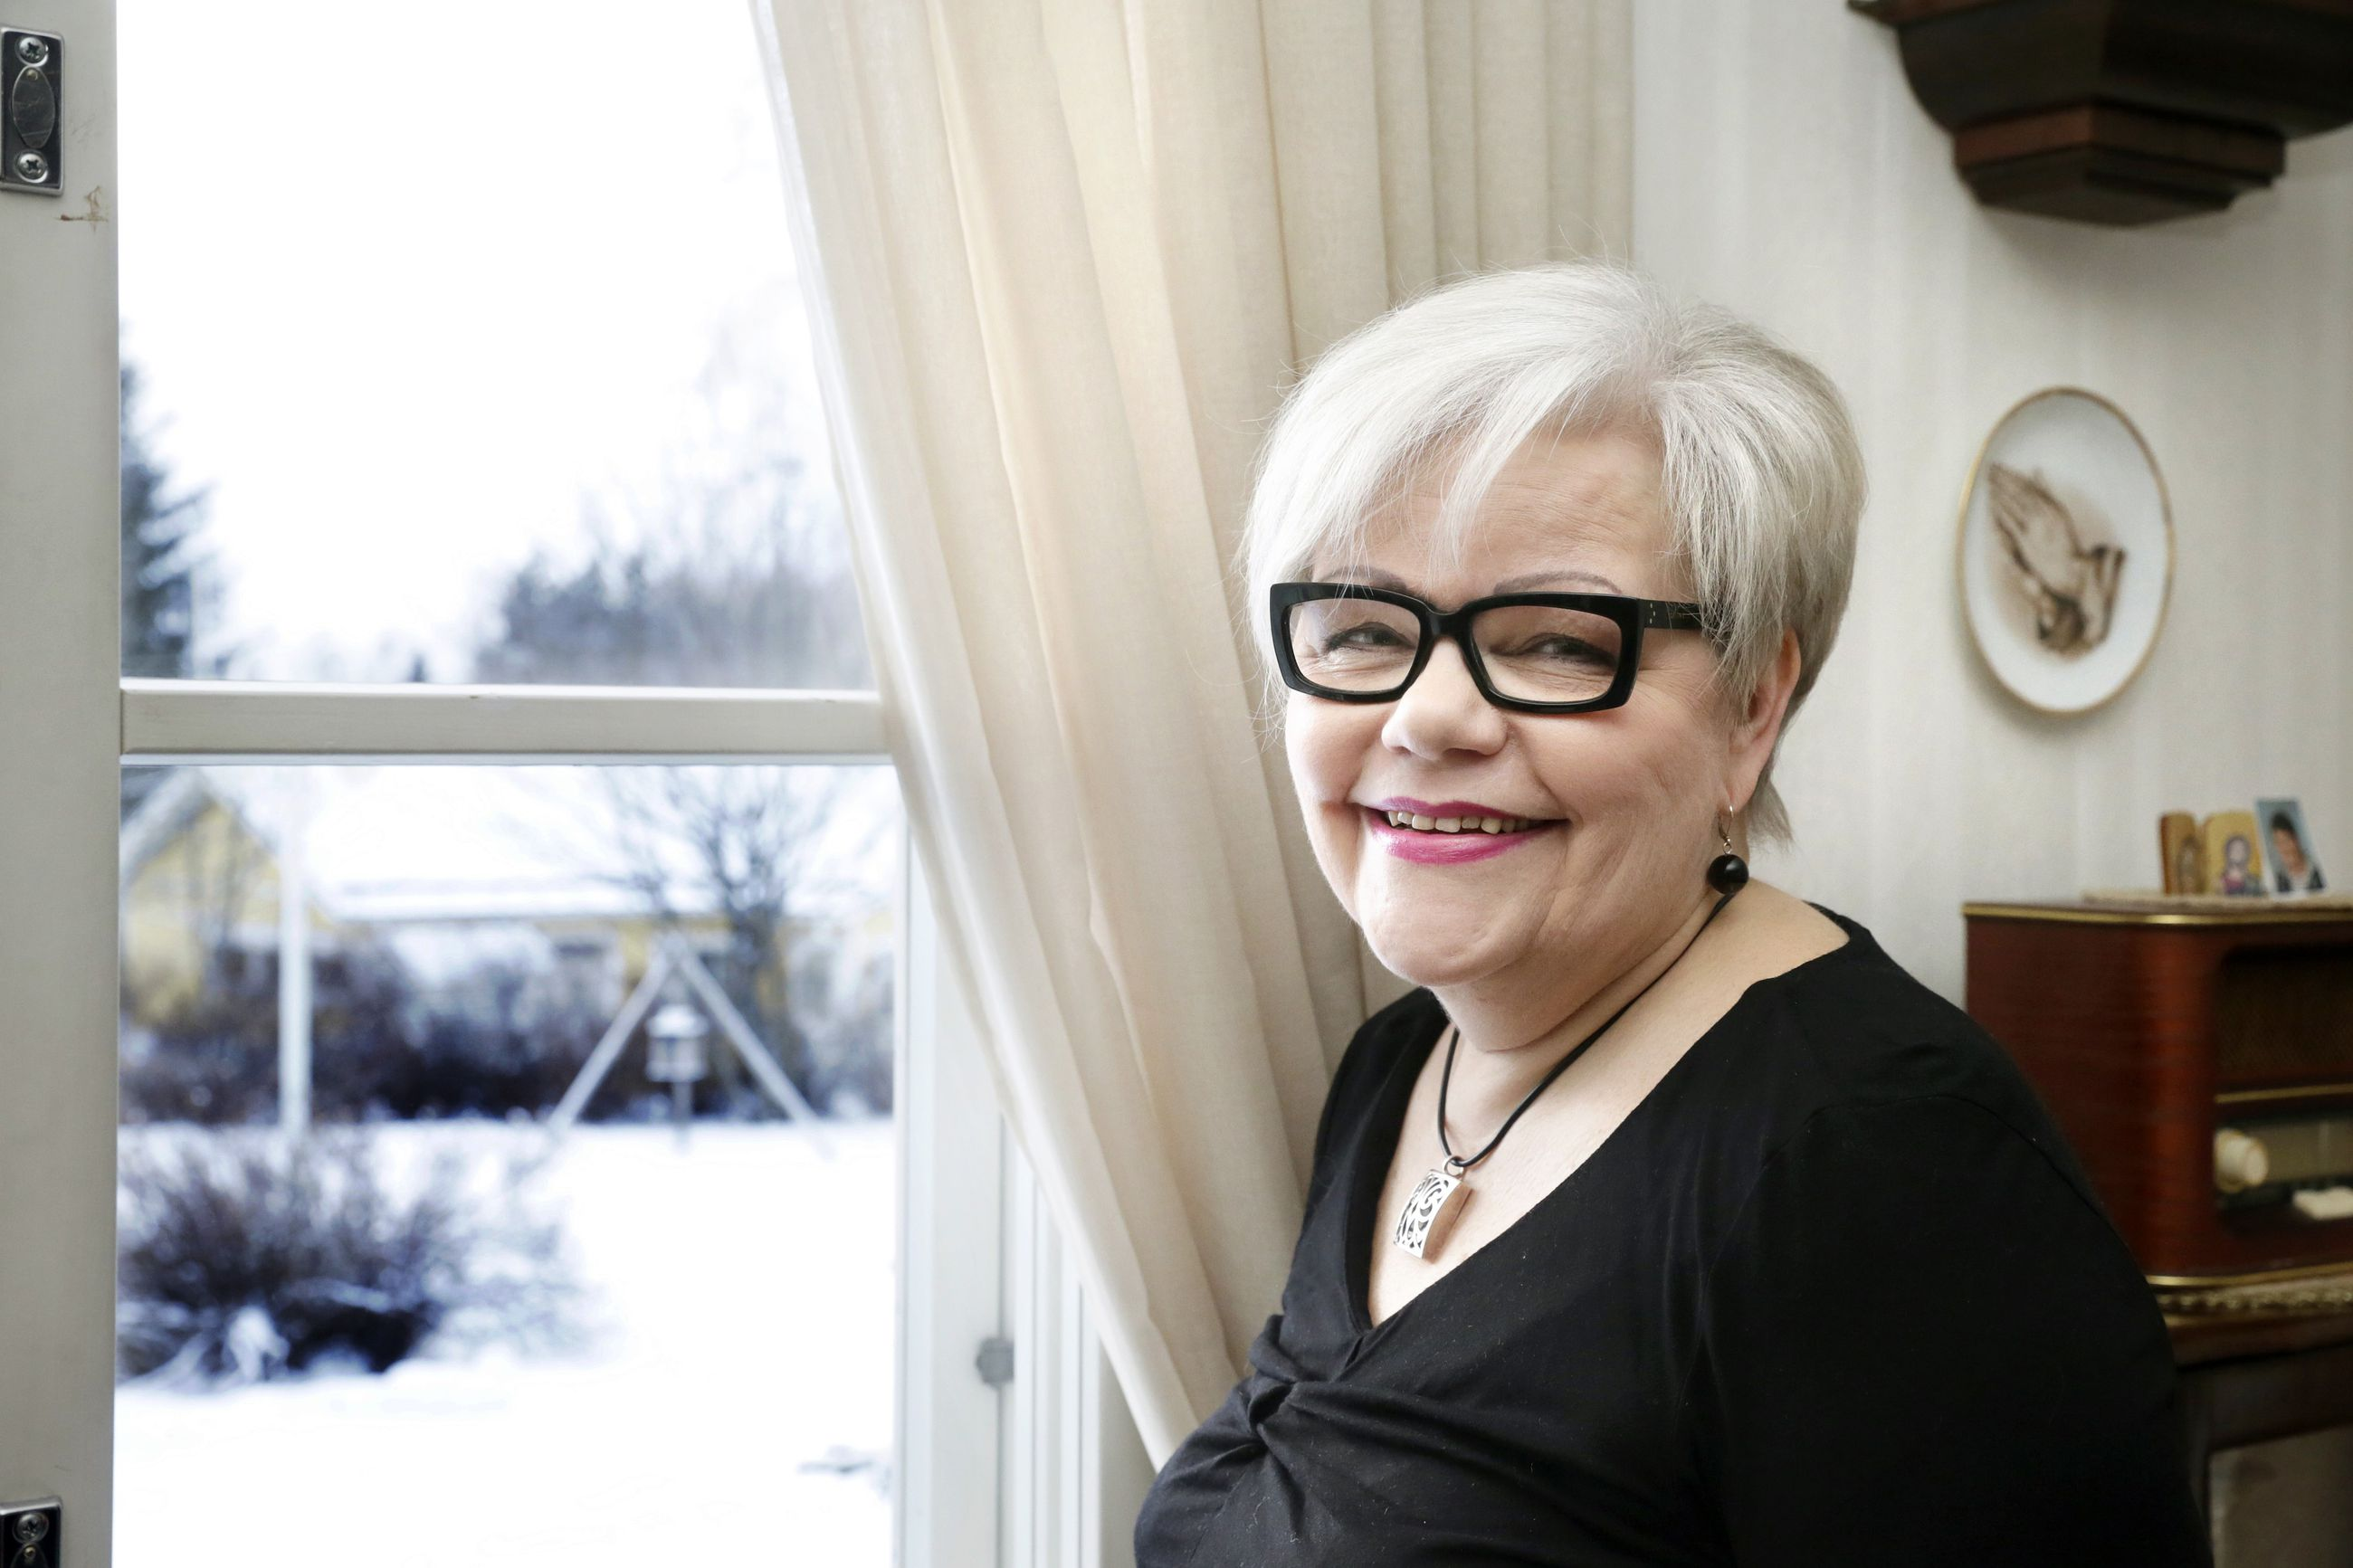 Marja-Leena Kemppainen